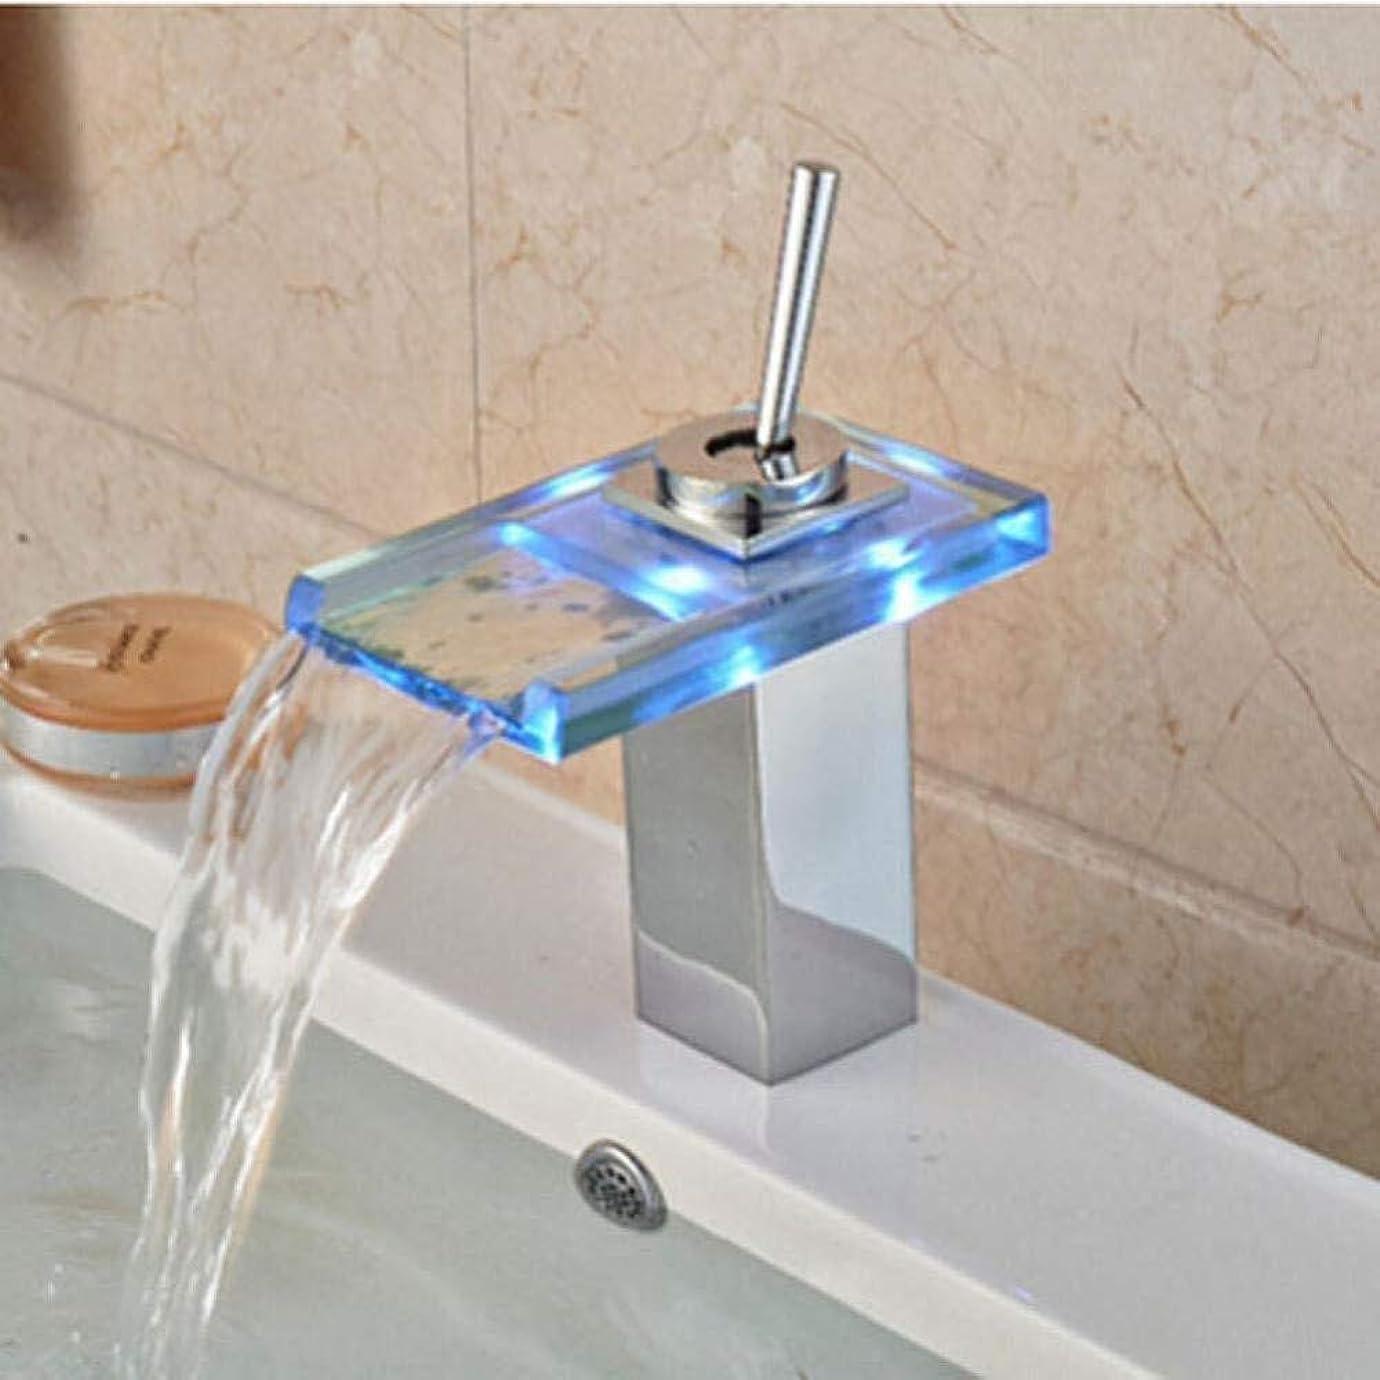 イブニングストリームゴミ箱を空にするキッチン浴室の蛇口の蛇口を導いたガラスの滝の浴室の洗面台の蛇口デッキがマウントミキサータップホット&コールドミキサータップ